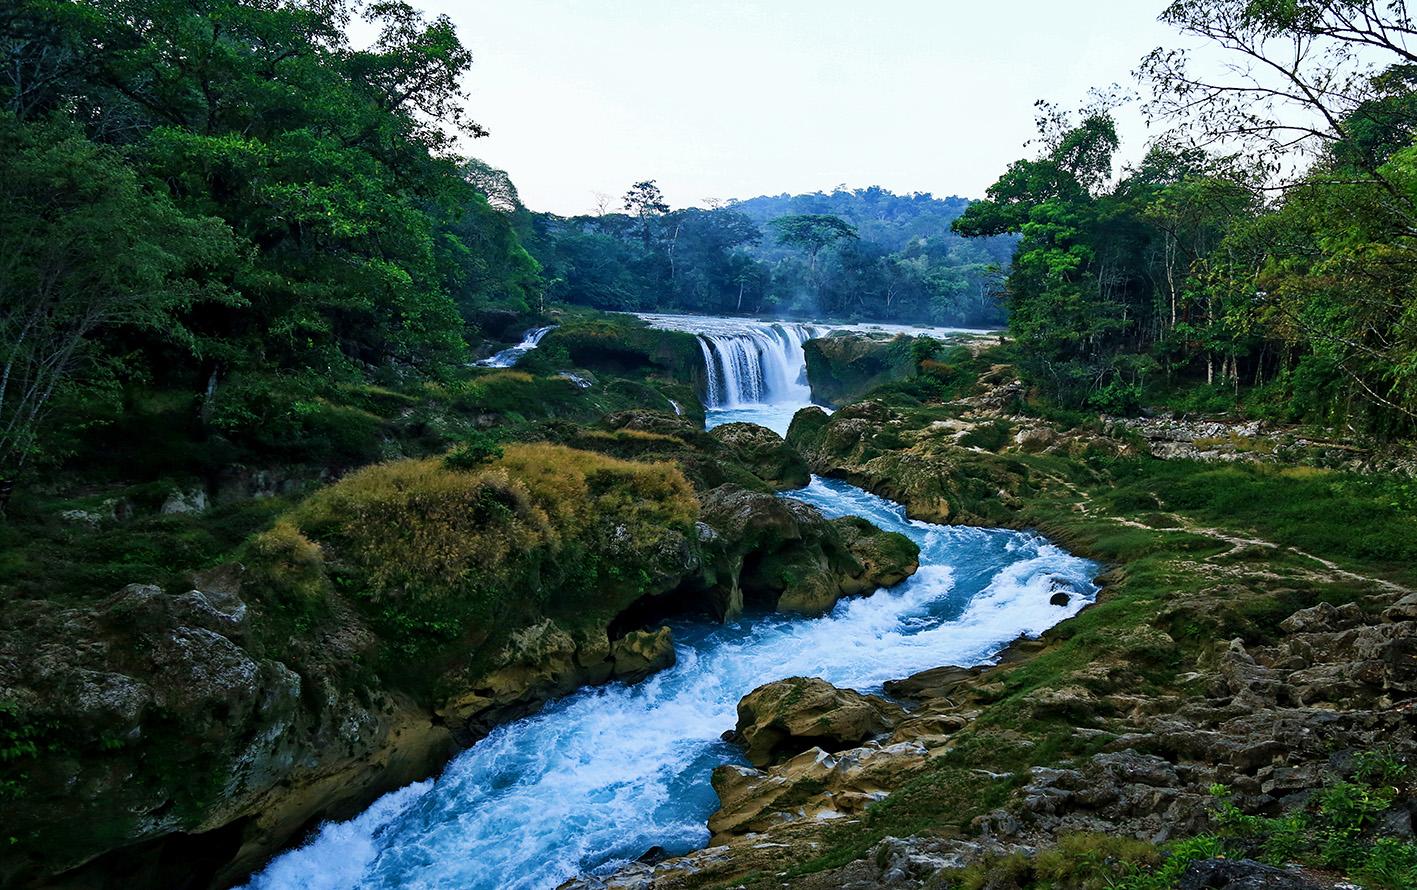 La cuenca hidrológica es una cavidad natural en la que se acumula agua de lluvia. Circula hacia una corriente principal y finalmente llega a un punto común de salida.